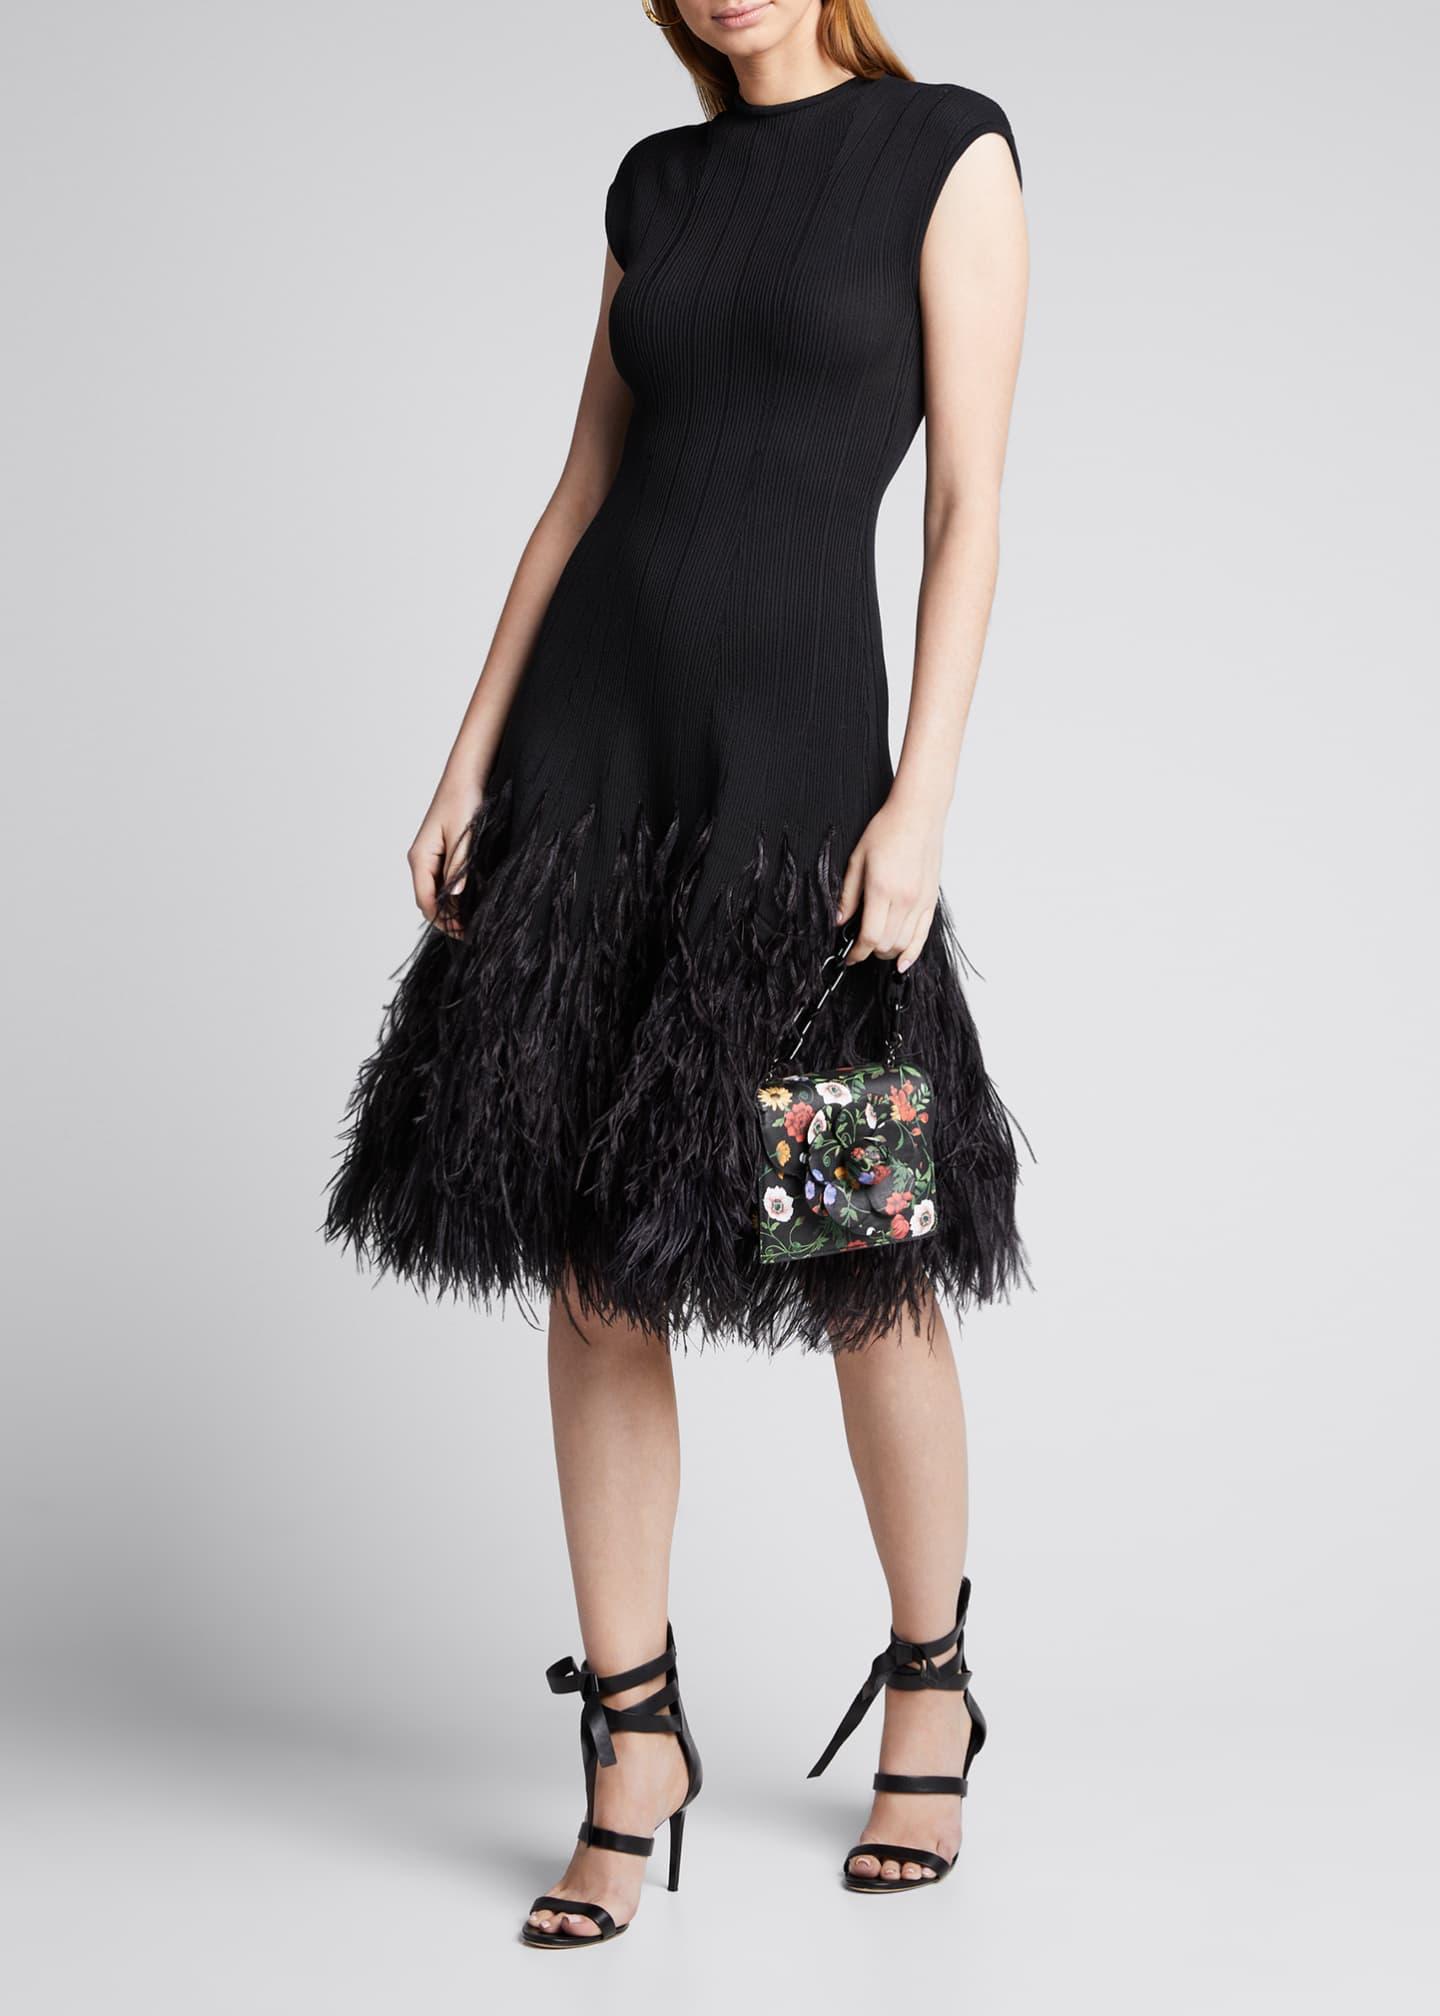 Oscar de la Renta Cap-Sleeve Knit Feathered-Skirt Cocktail